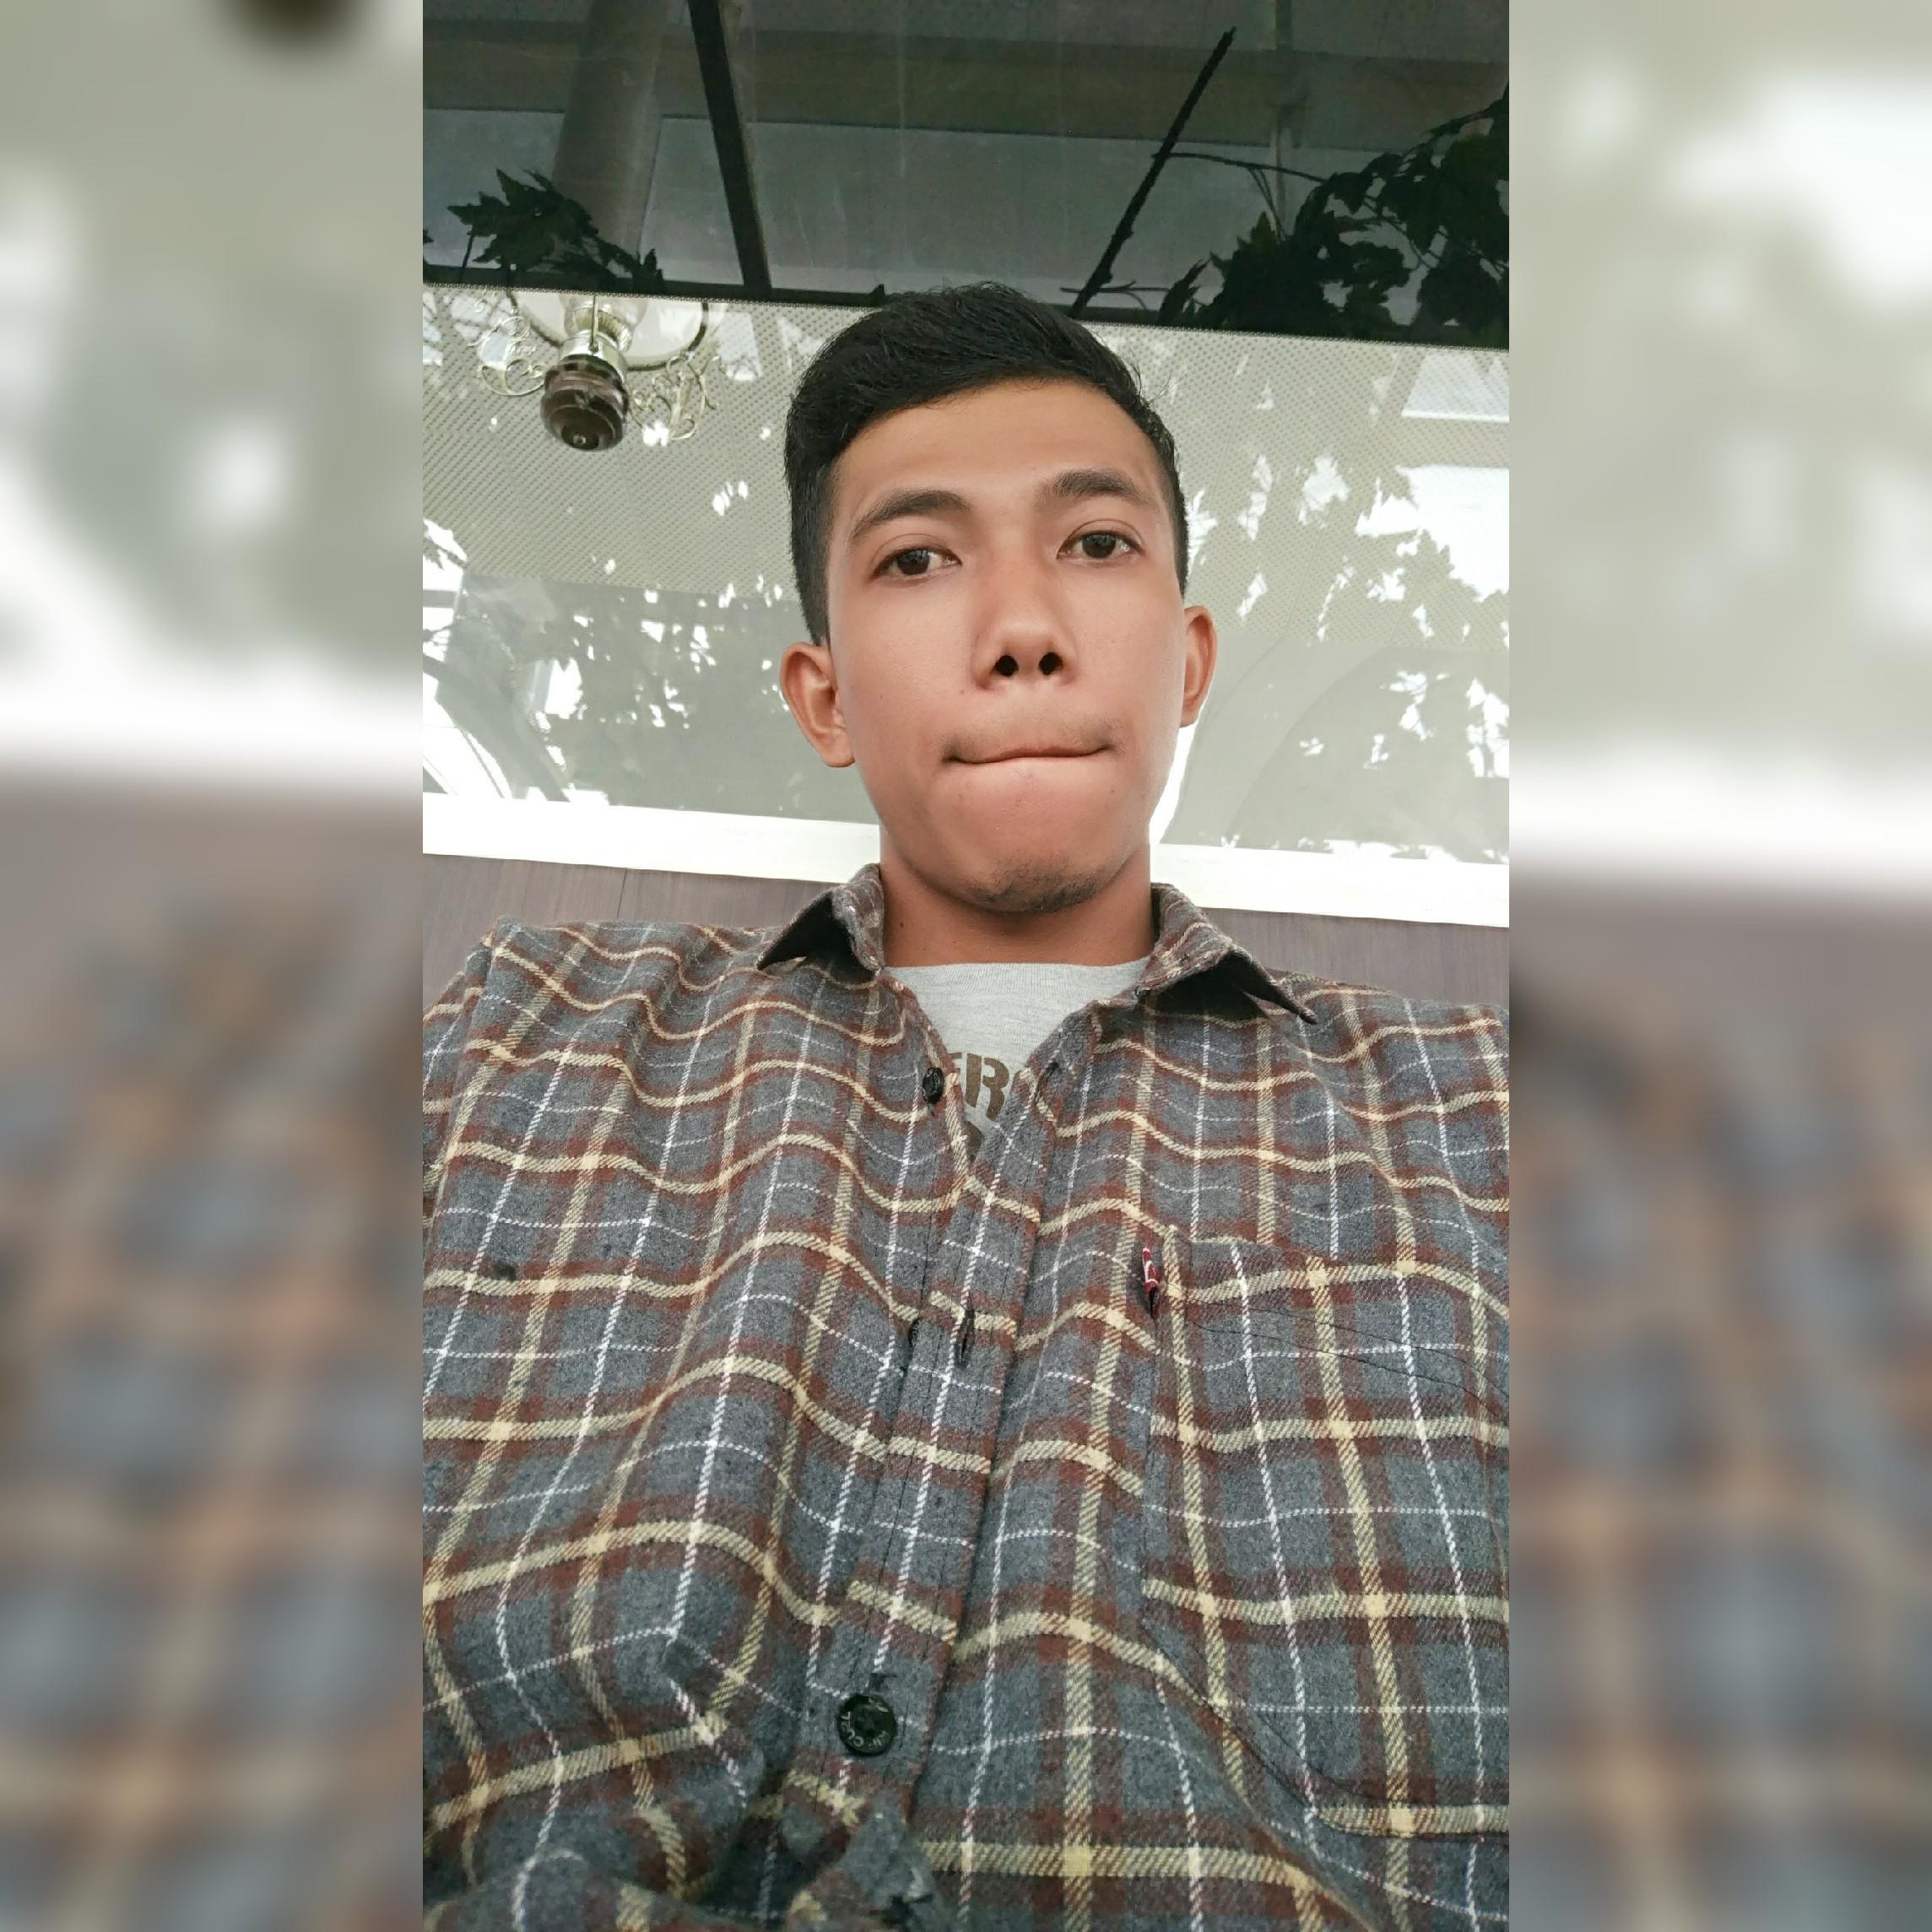 amd.id